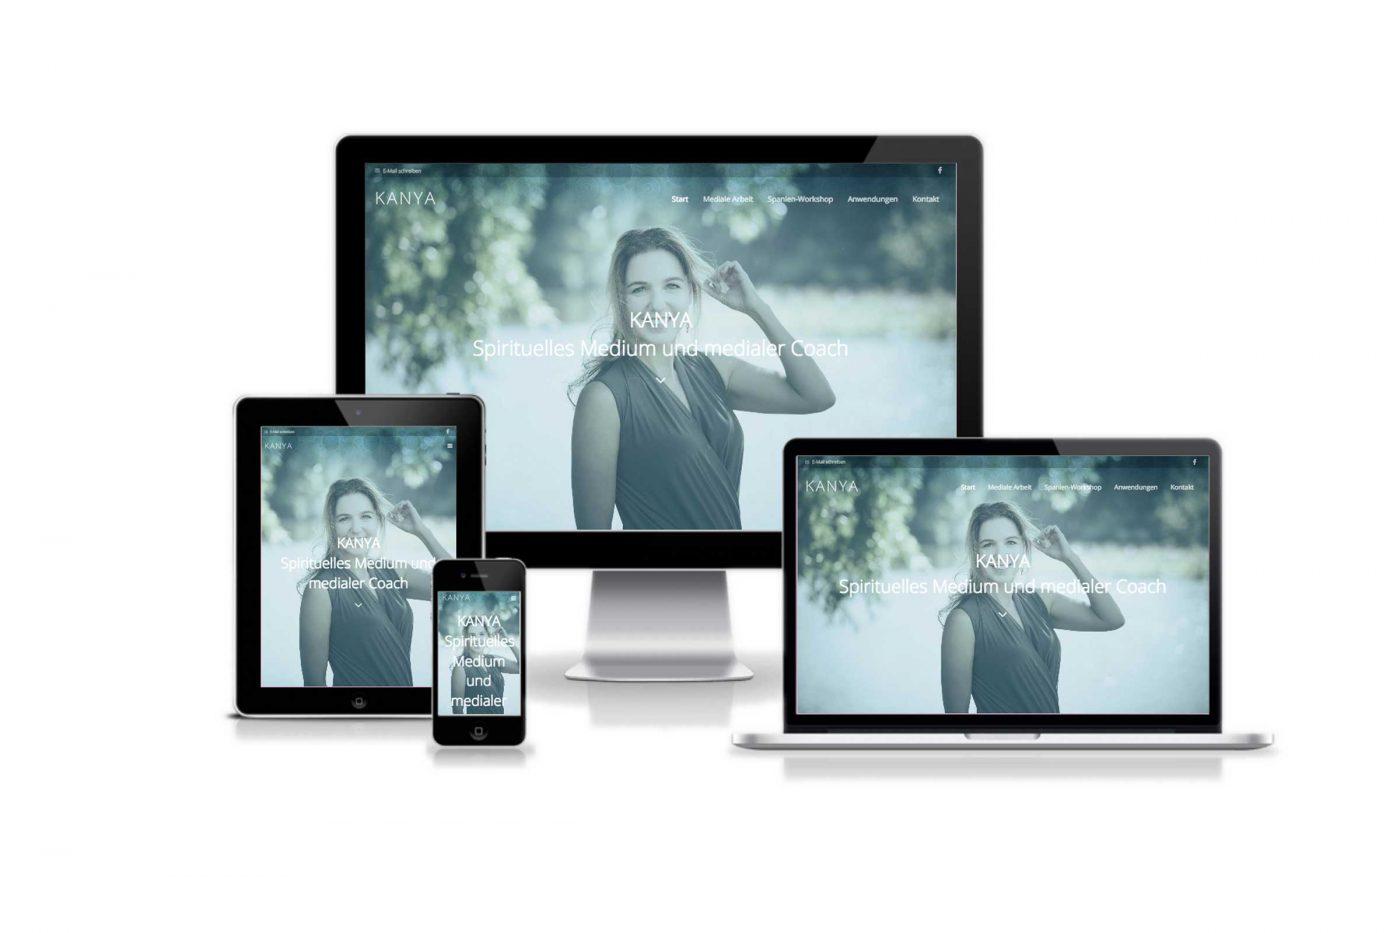 KANYAs Website by WIWA Design